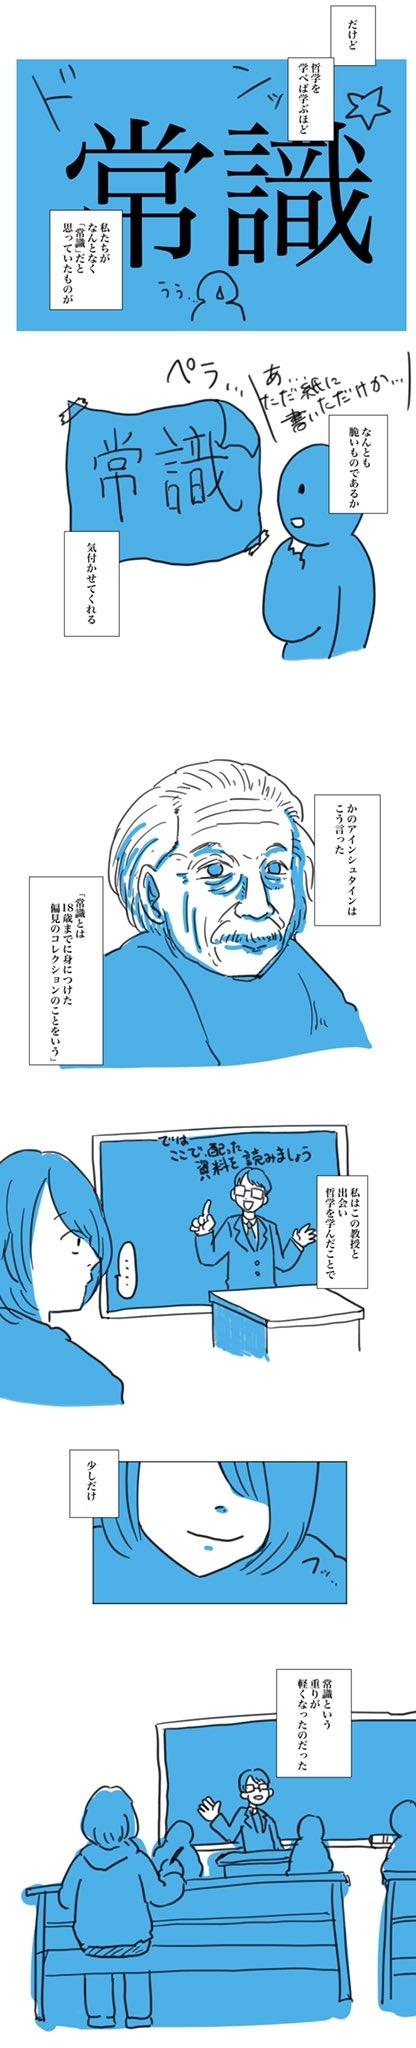 何となく哲学を理解した話 漫画